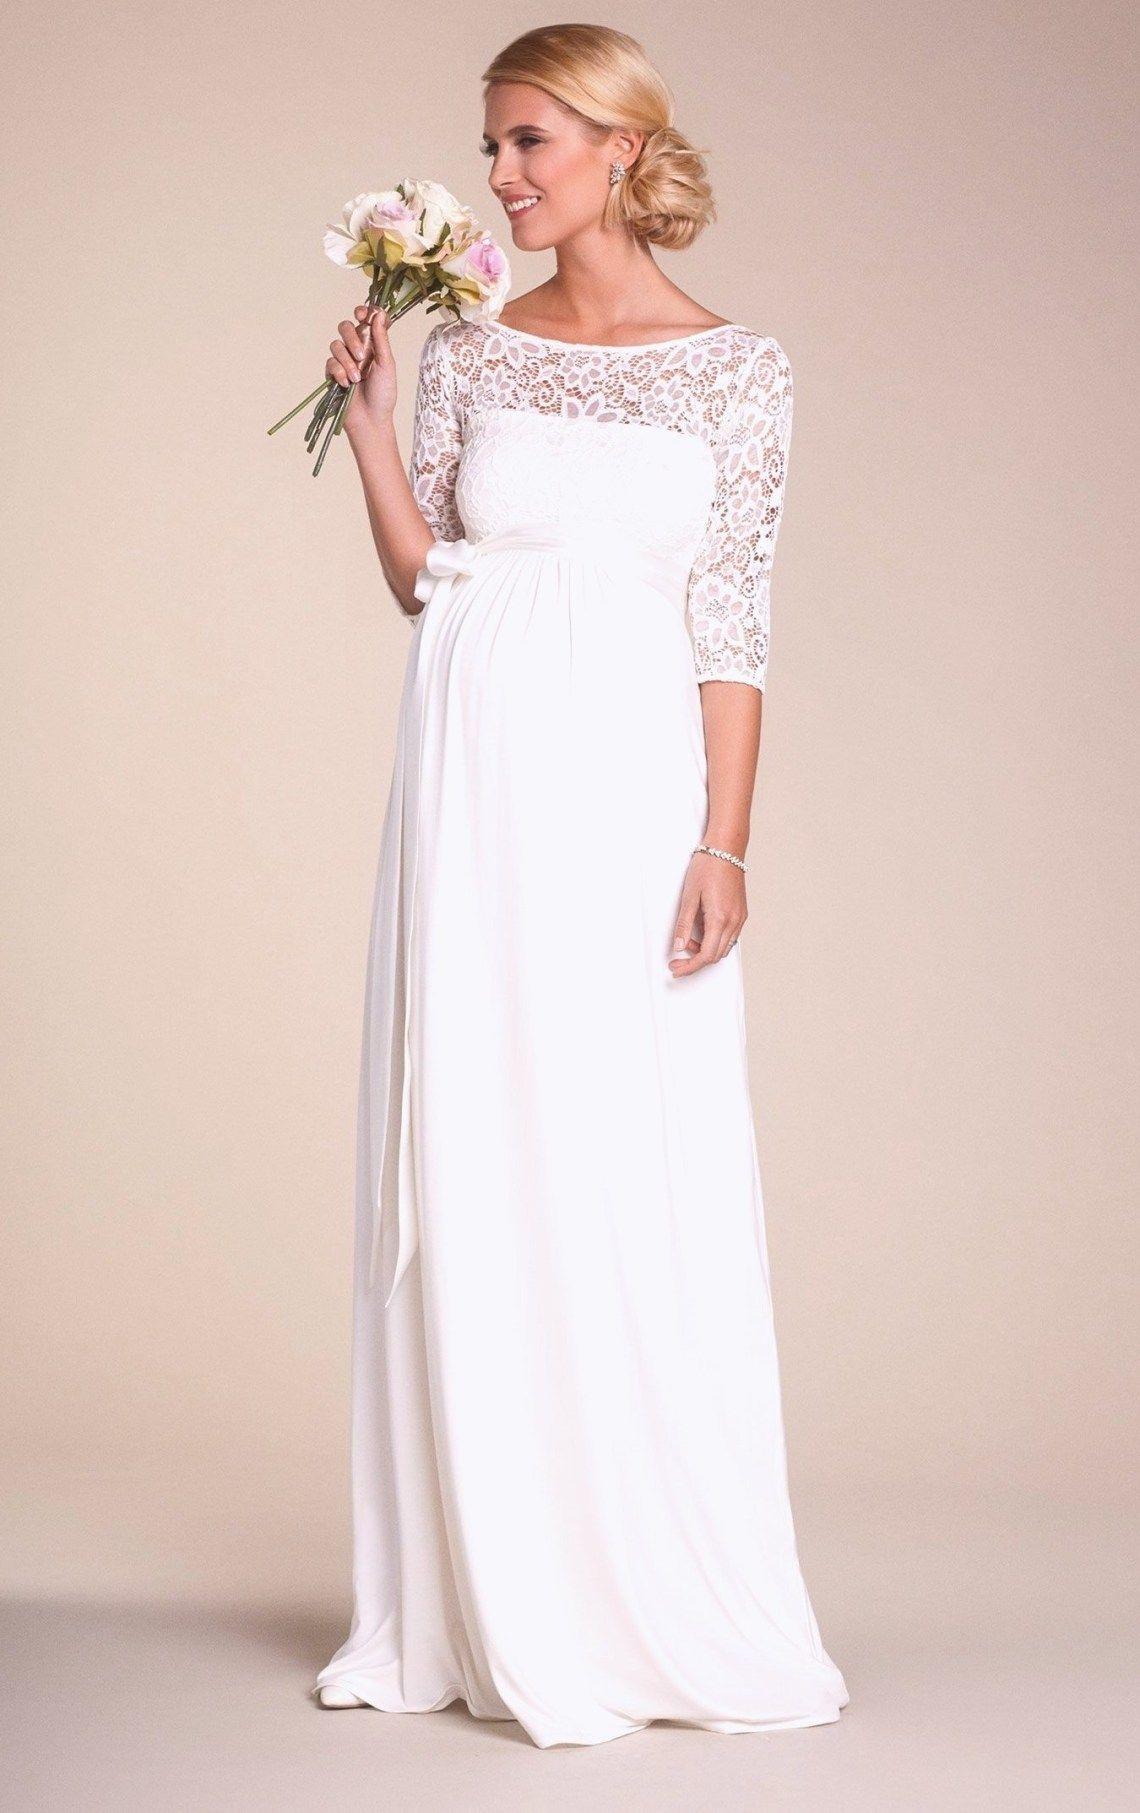 e58ec23d15e7a 70+ Wedding Dress for Pregnant Brides Ideas 67 | Wedding | Wedding ...